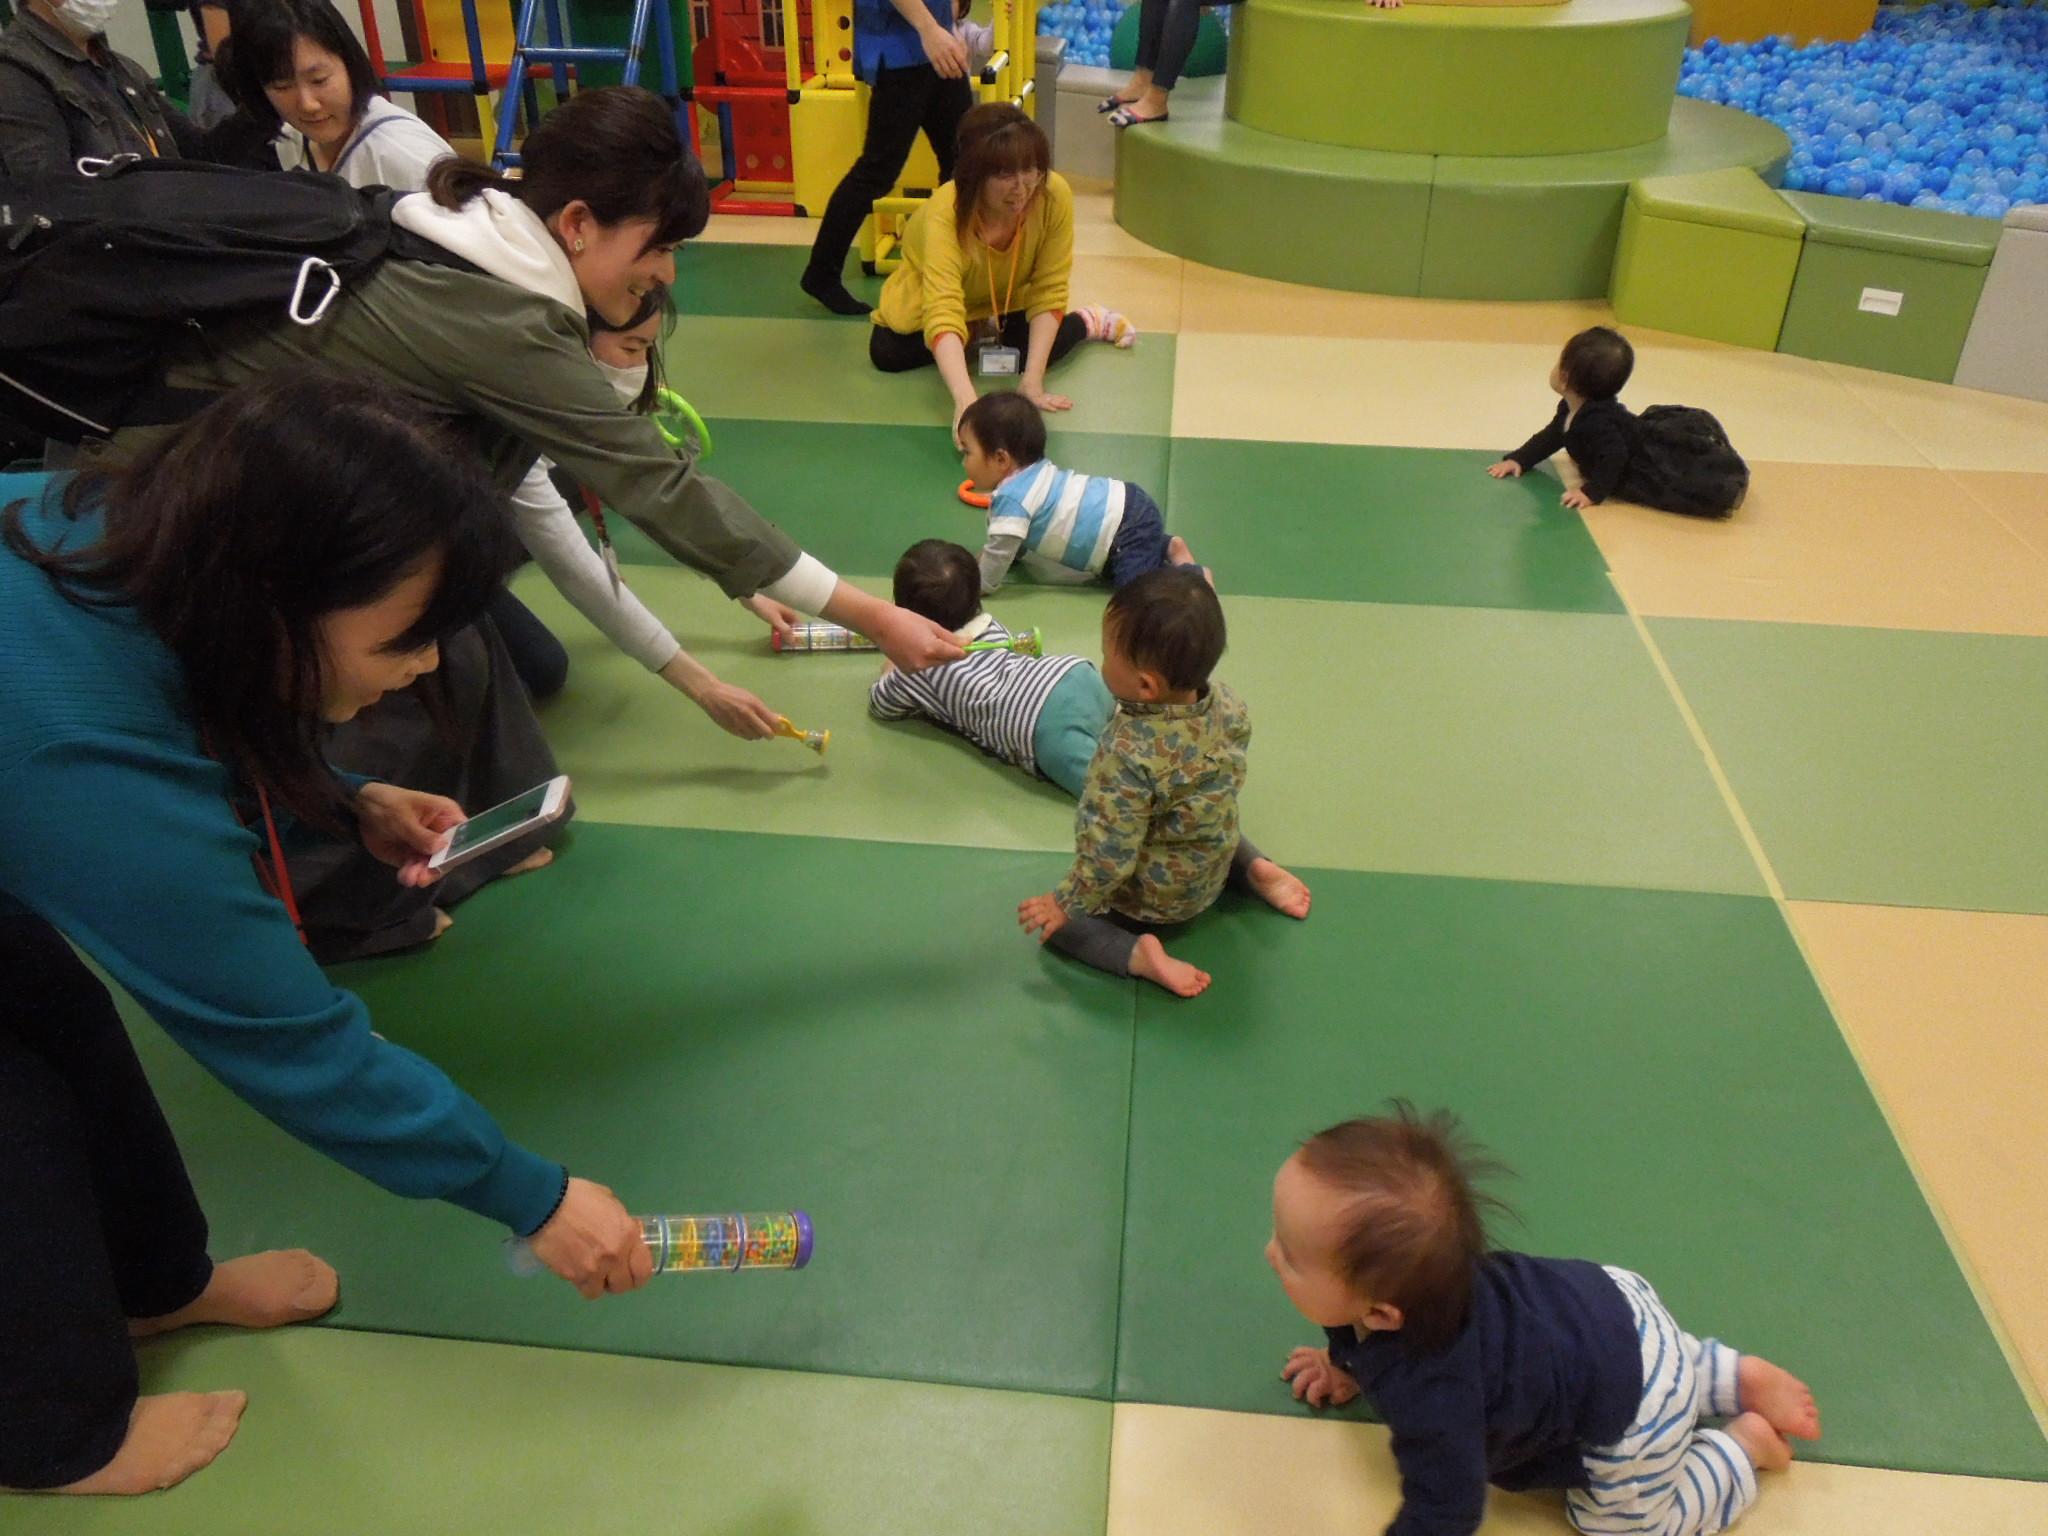 【火・木曜開催!赤ちゃんの日イベント】12/19(木)ハイハイレース